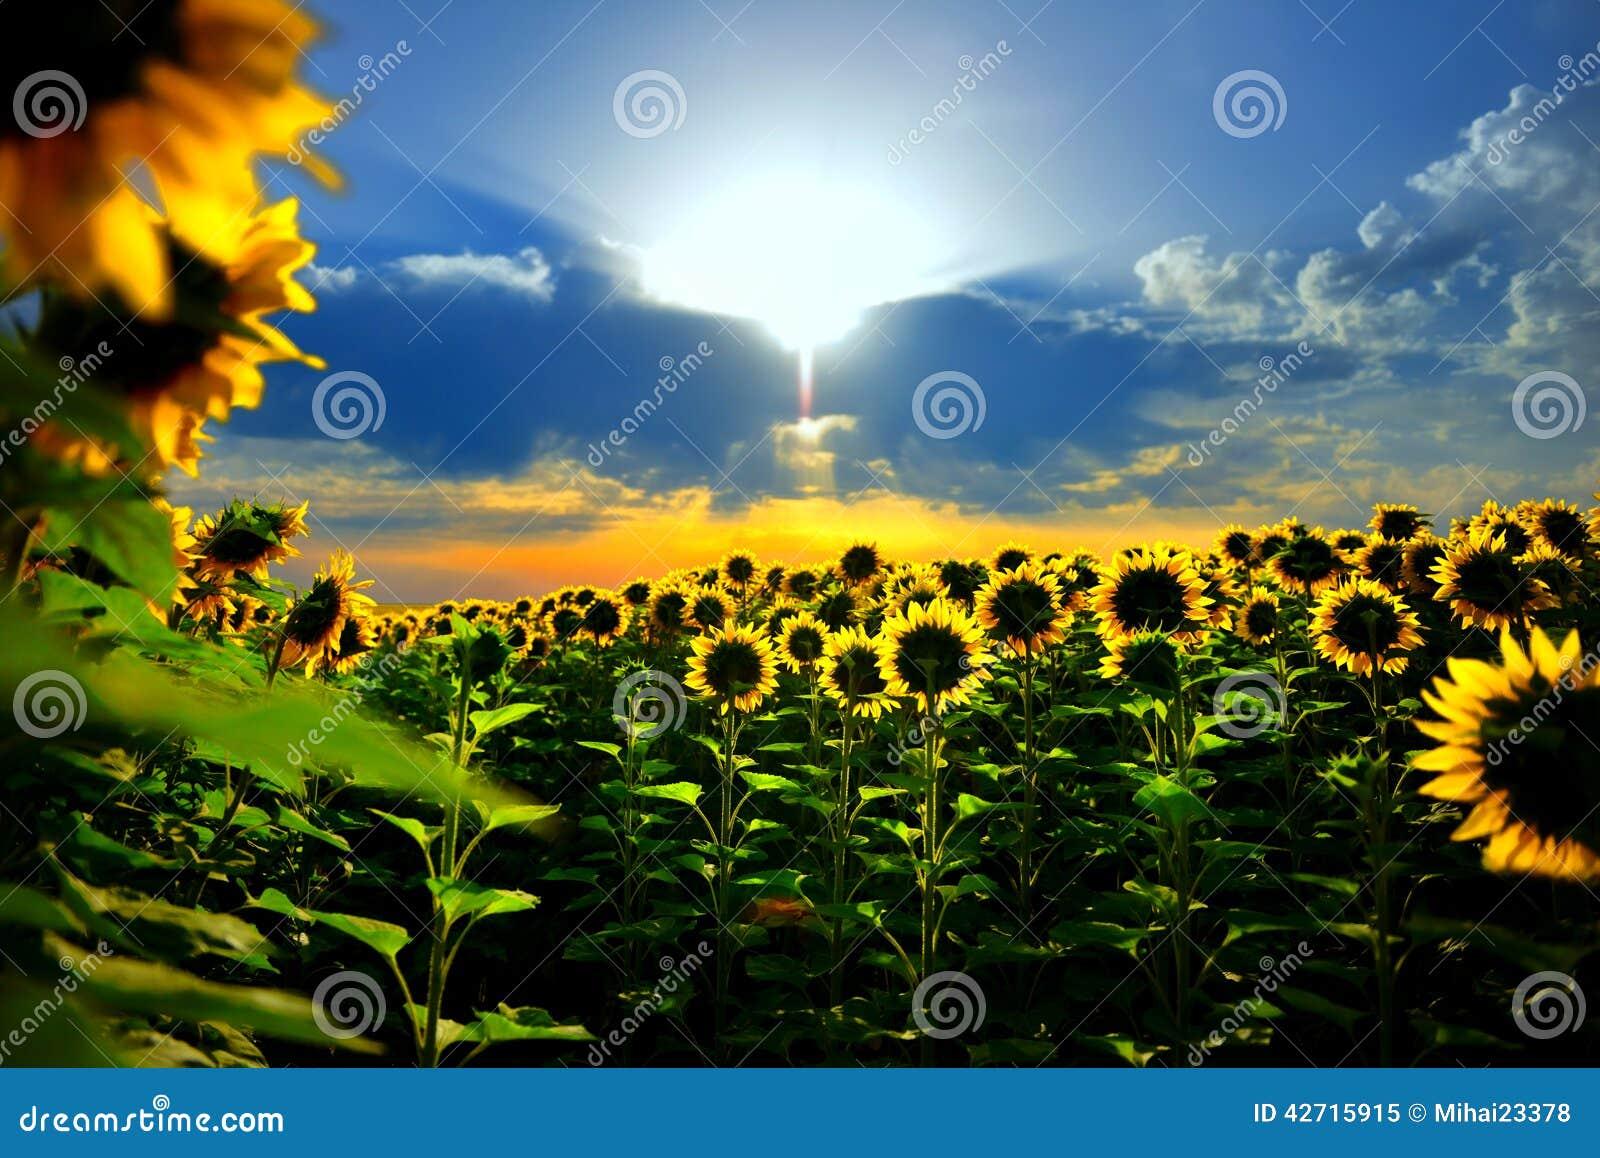 Цветок Солнця